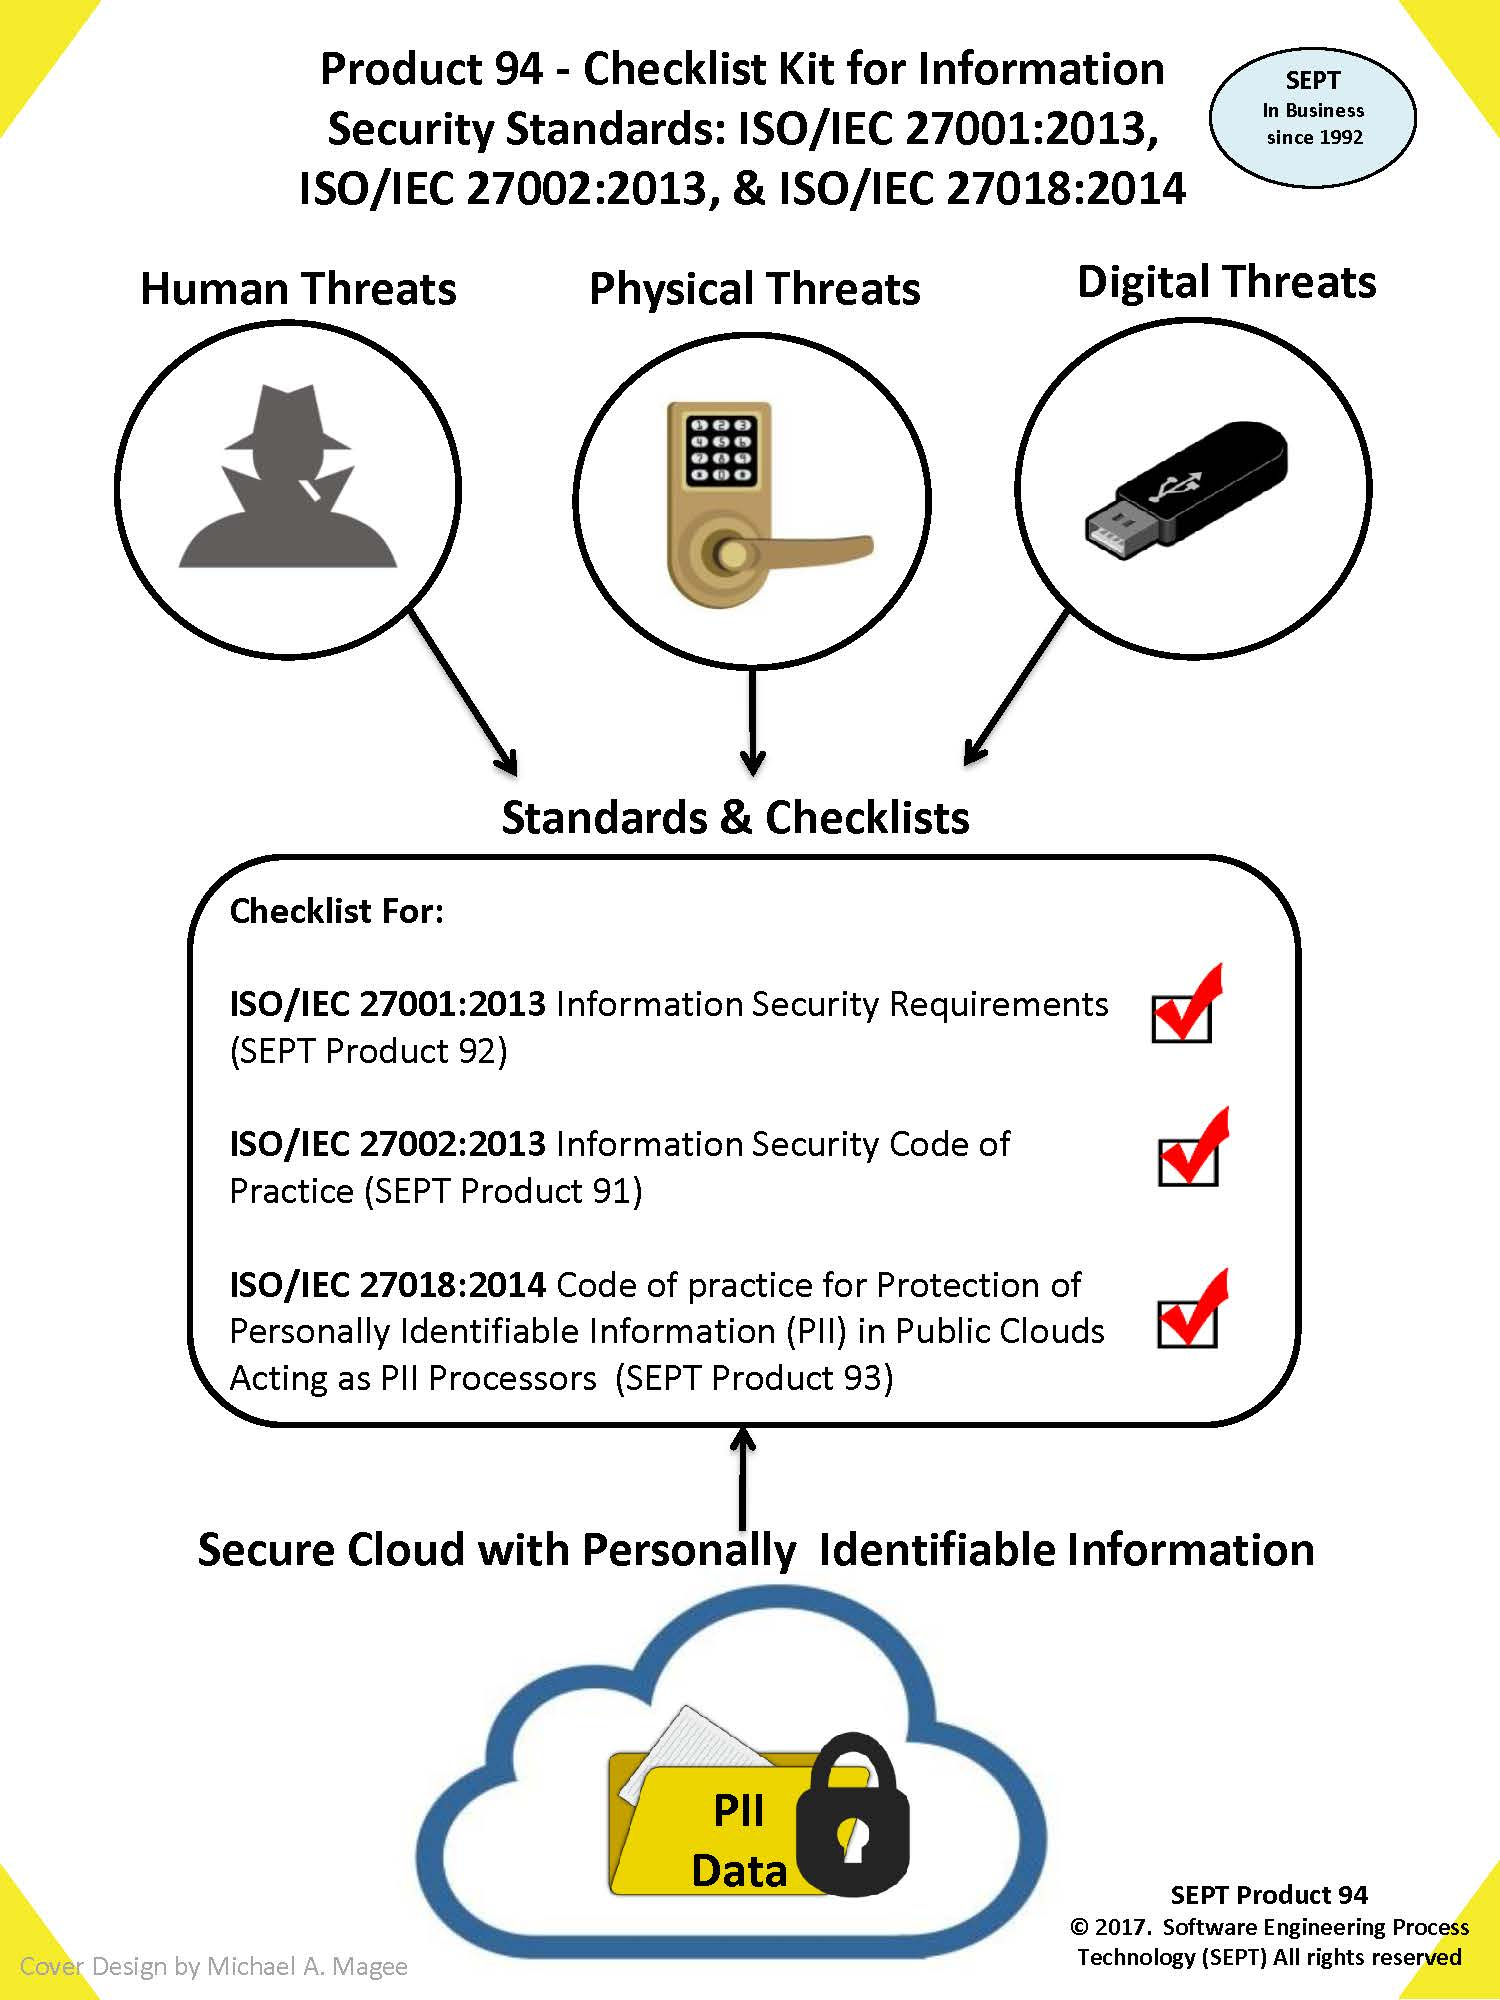 Itpci regulations risk audit management pci dss it grc standard isoiec 27000 checklist kit fandeluxe Choice Image